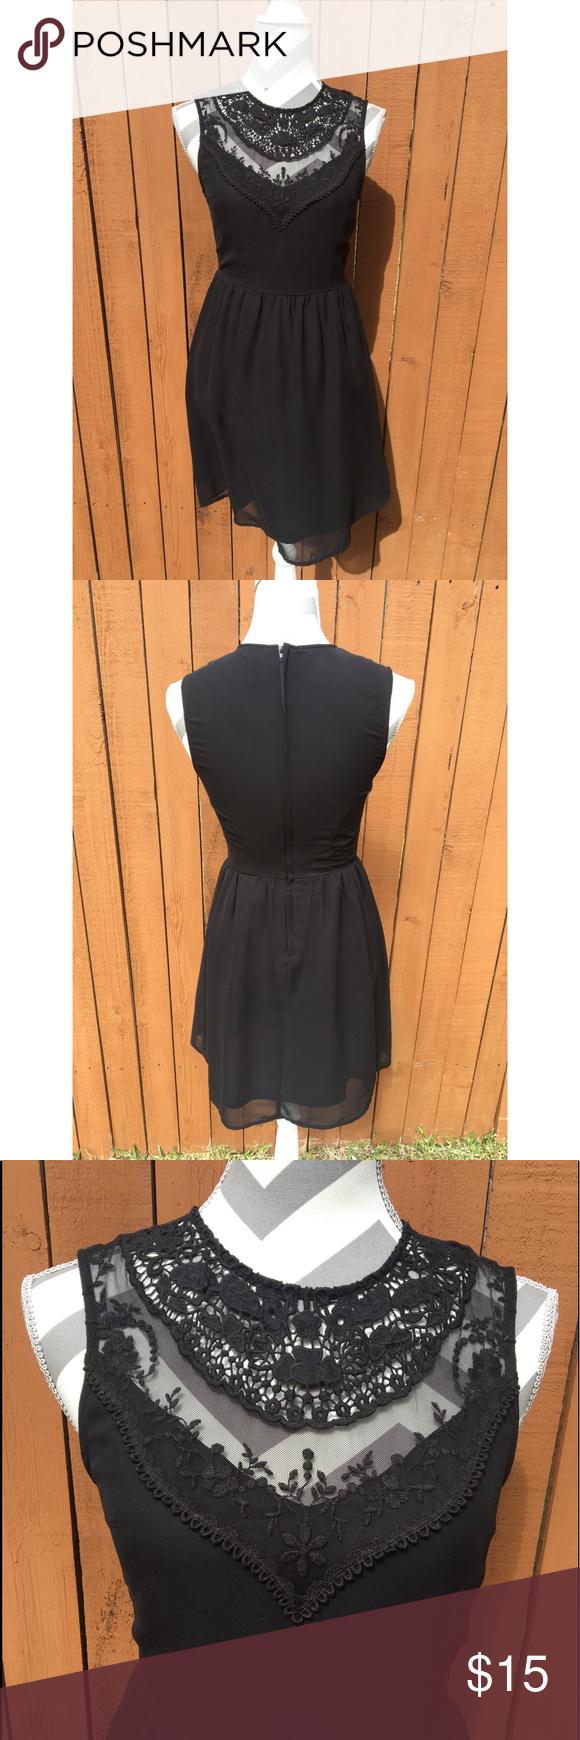 H M Little Black Dress Clothes Design Little Black Dress Fashion Design [ 1740 x 580 Pixel ]